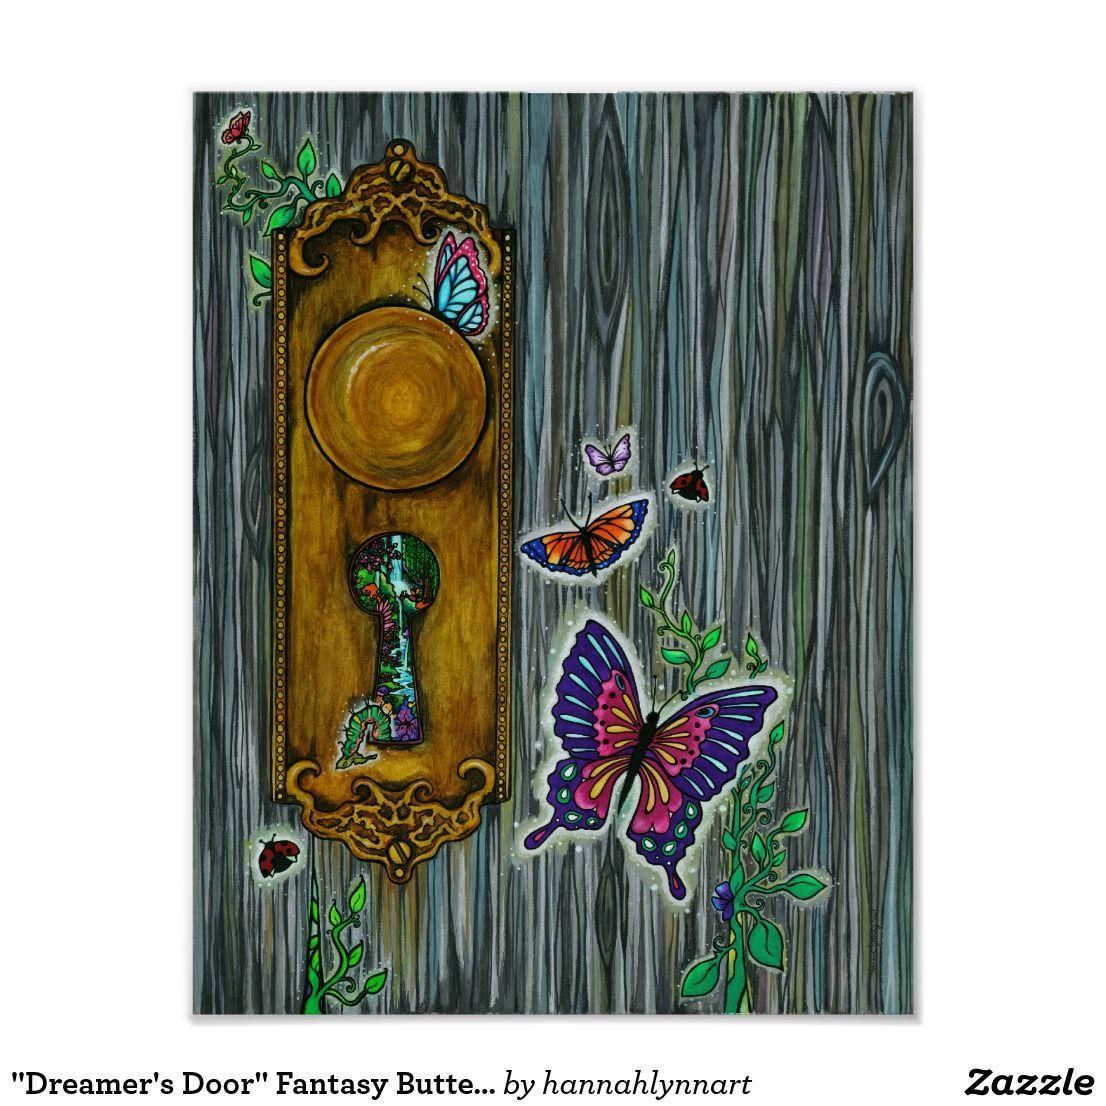 Dreamerus door